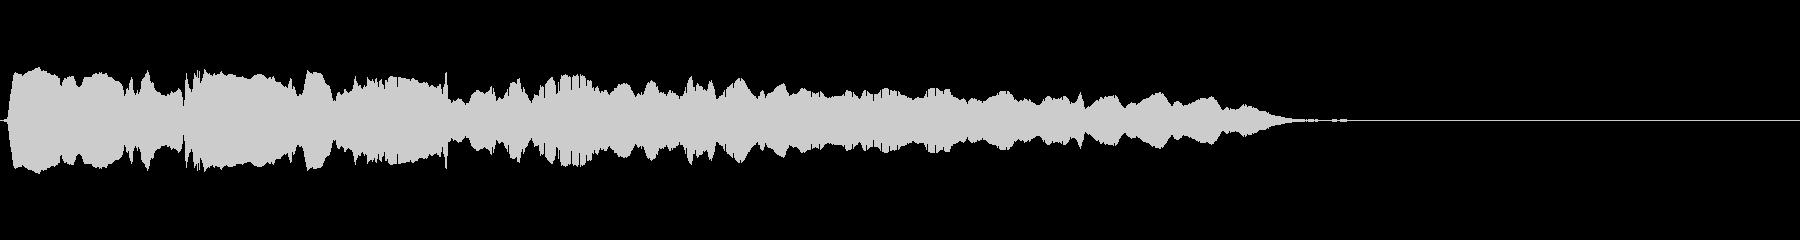 【フレーズ04-2】の未再生の波形